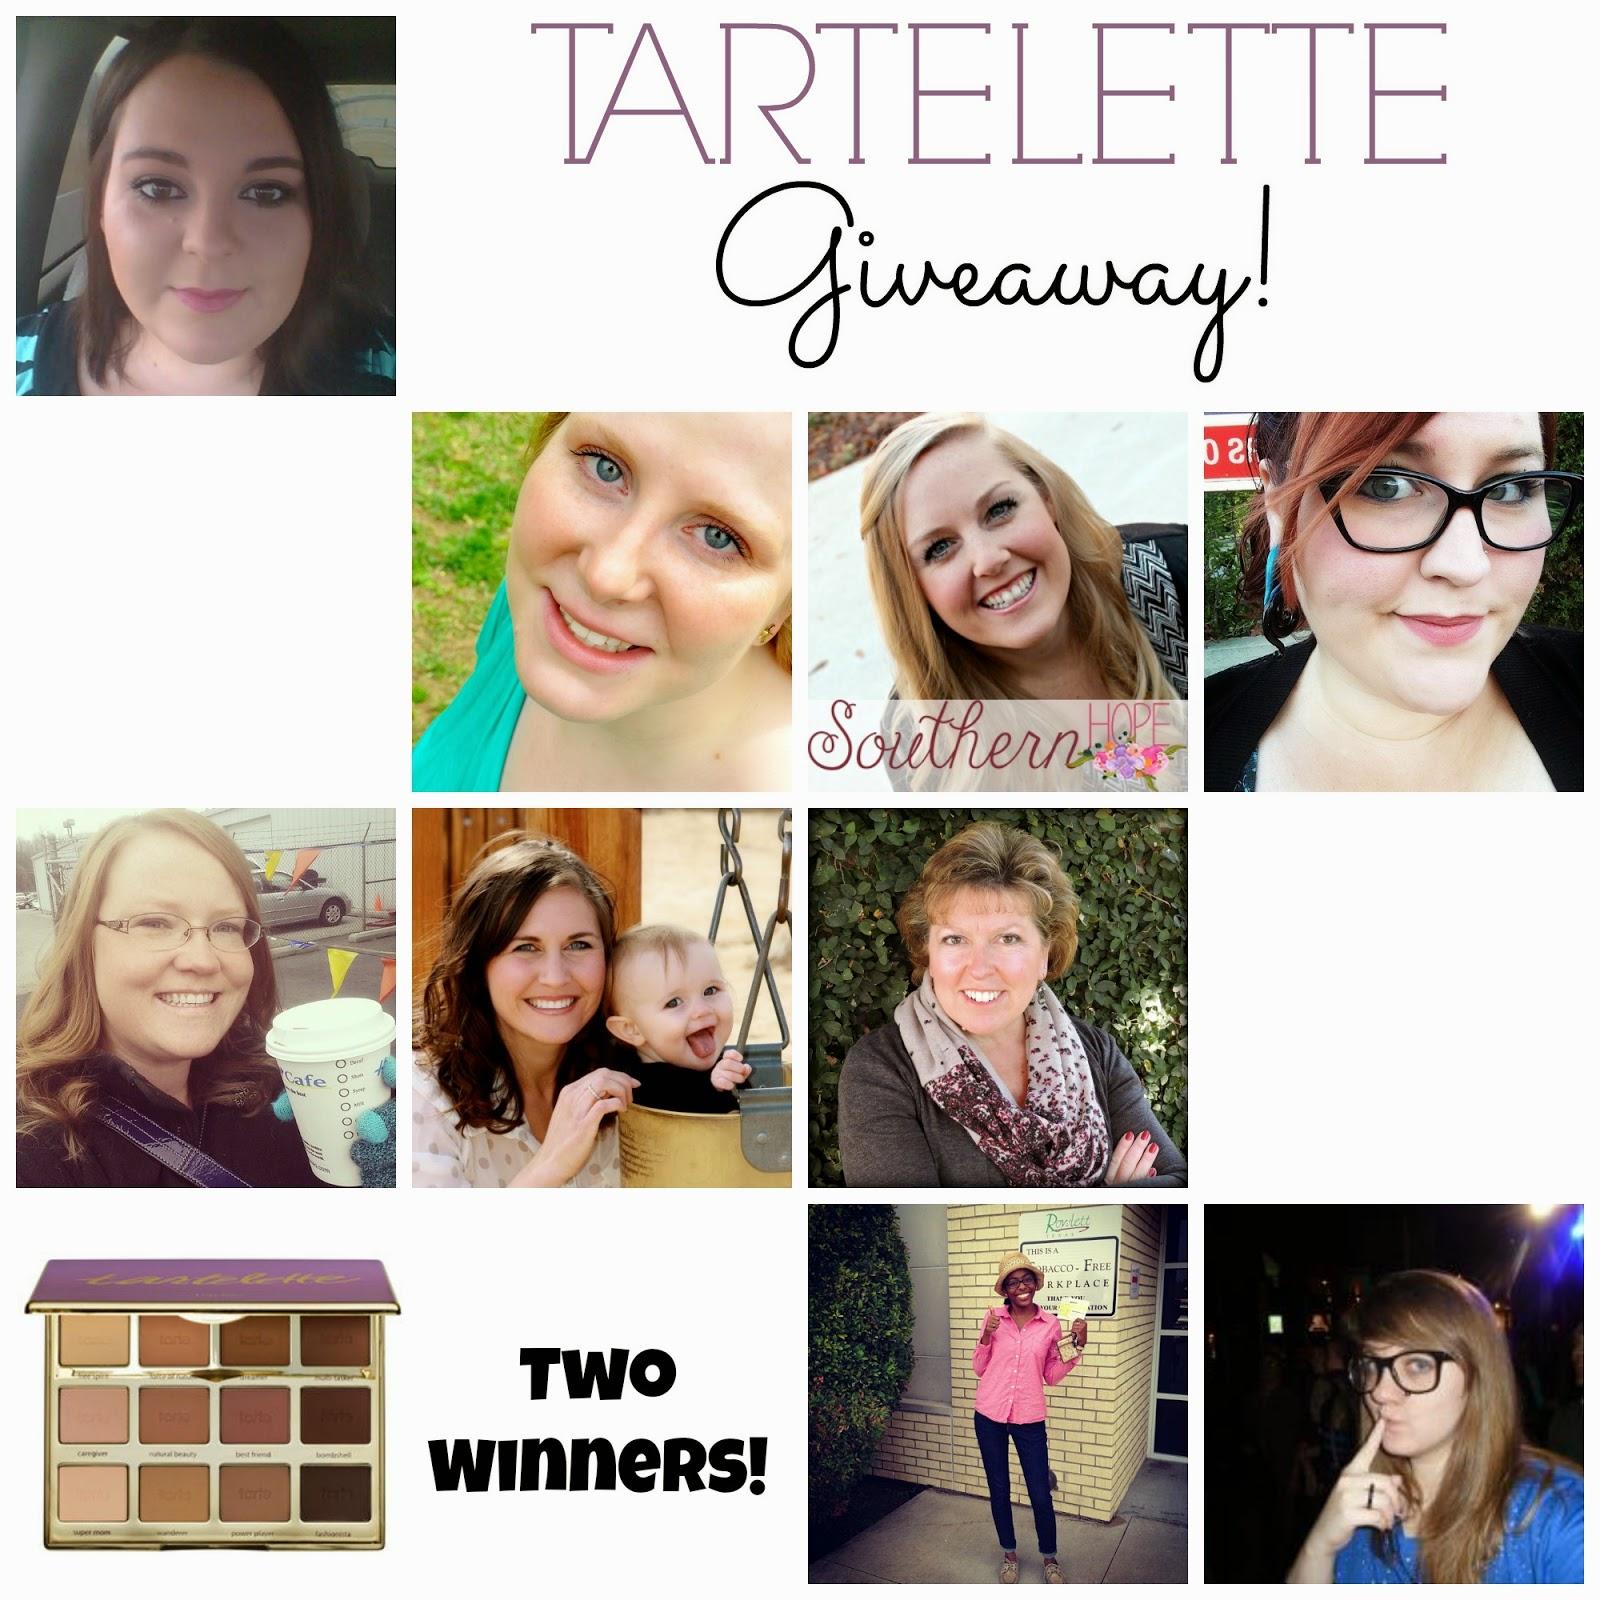 Tarte Giveaway, Tartelette, Giveaway, Win Tarte,